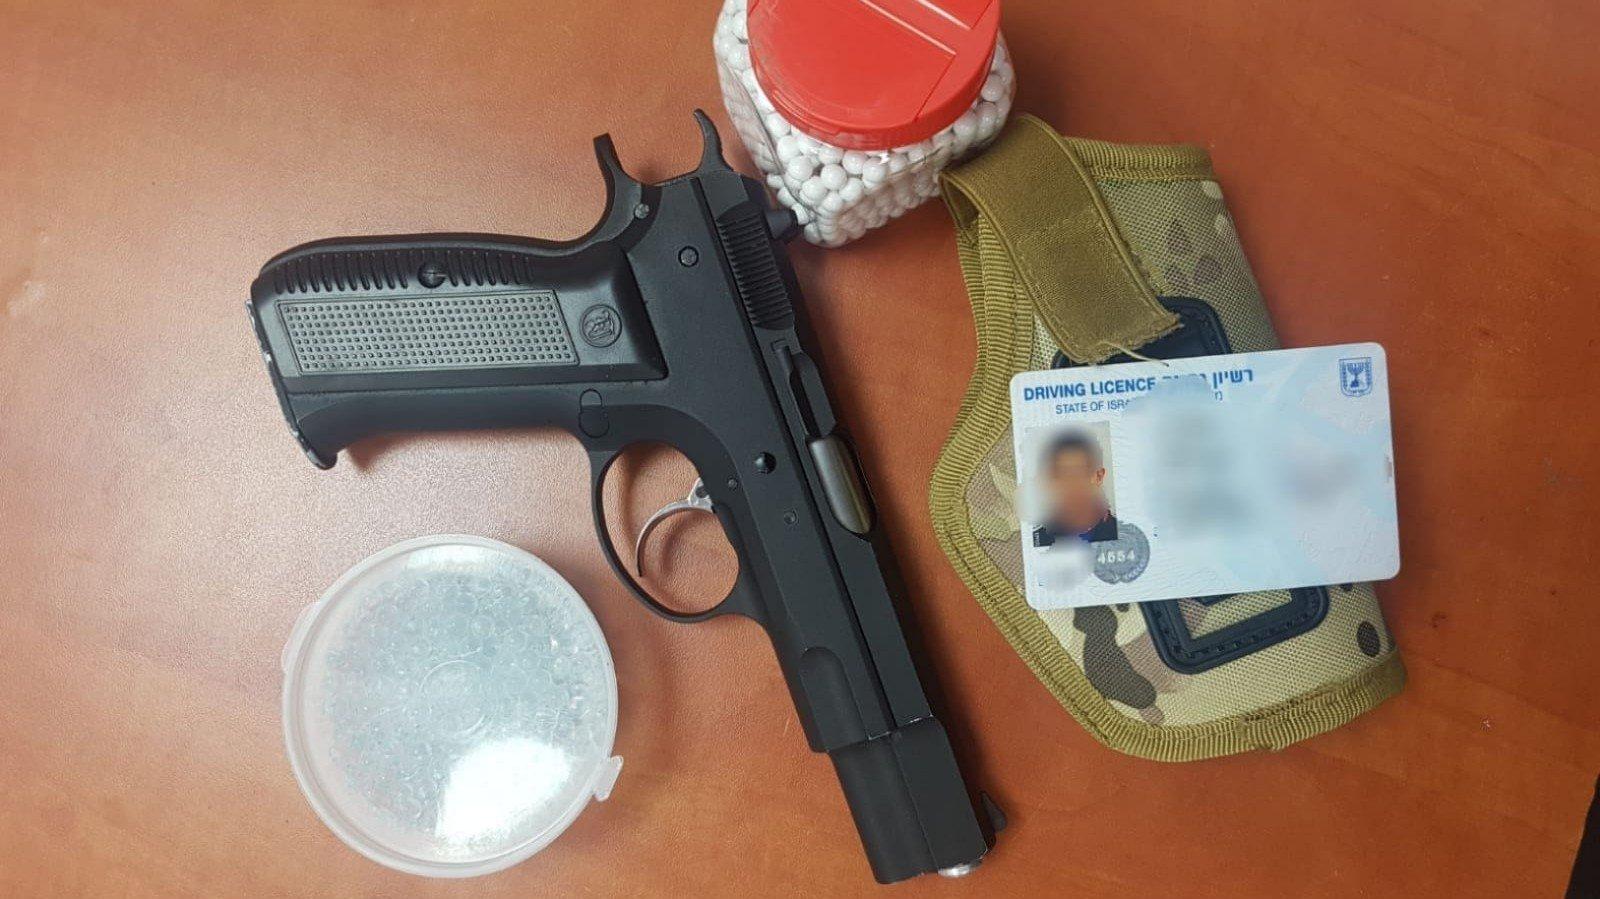 شفاعمرو: اعتقال 4 تجار مخدرات والتحقيق مع زبائنهم الـ43